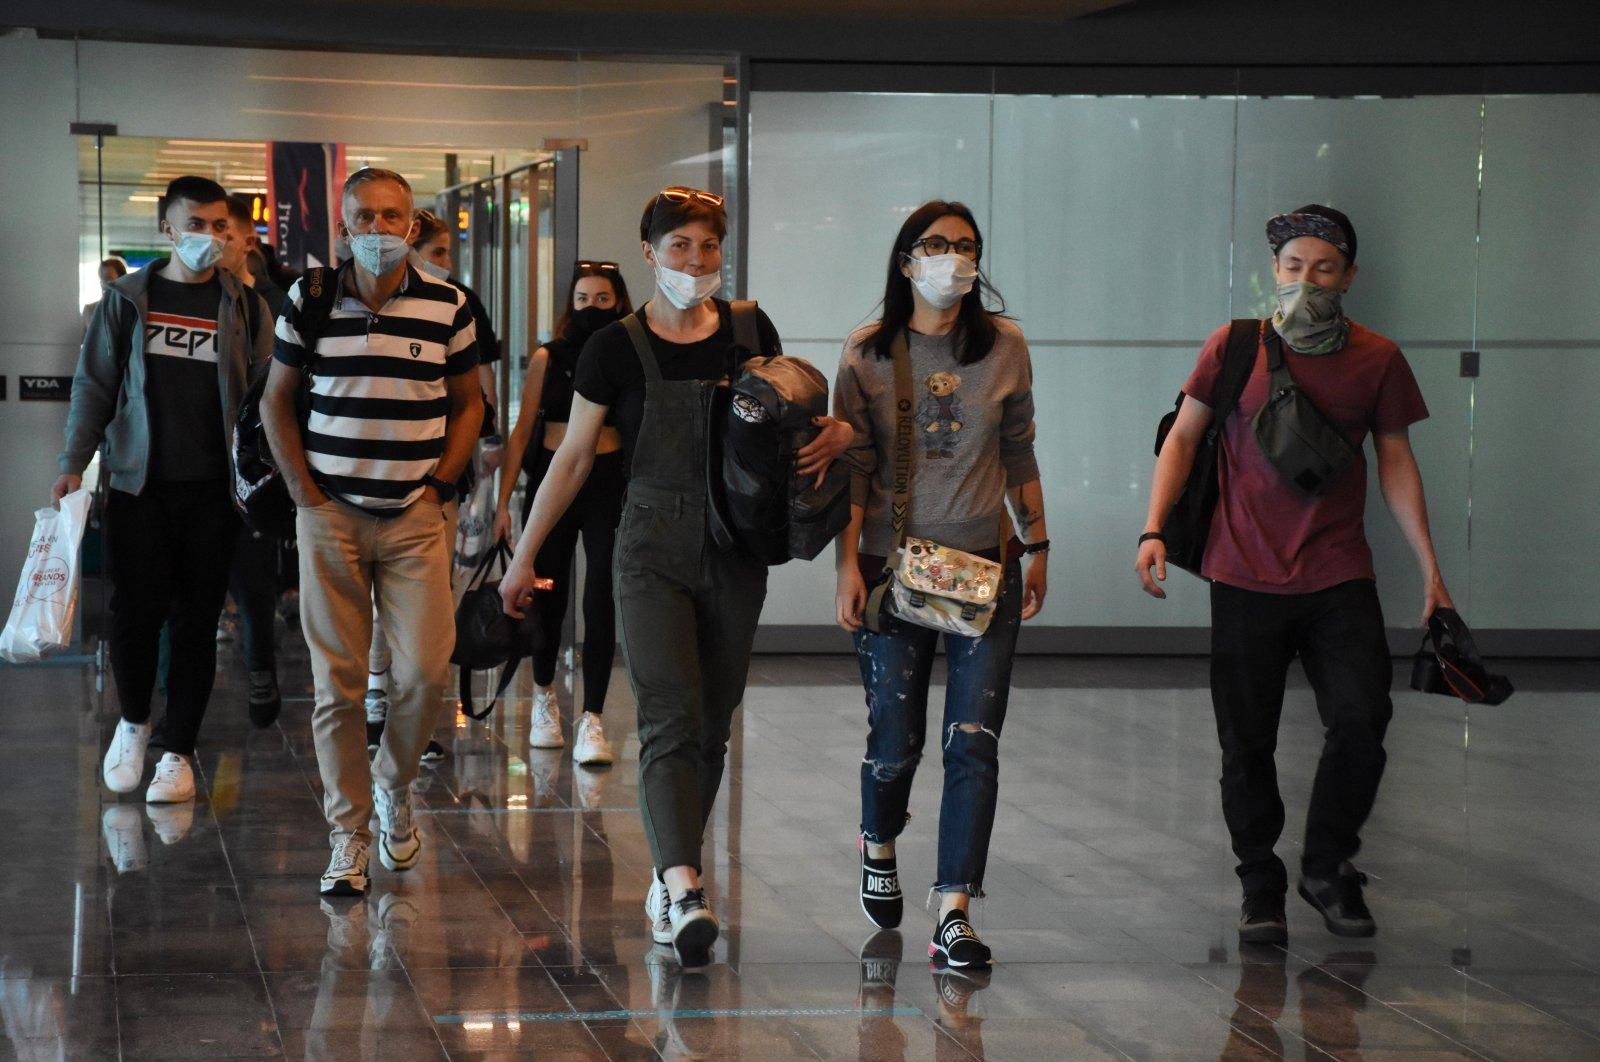 Ukrainian tourists arrive at Dalaman Airport, Muğla, southwestern Turkey, April 30, 2021. (AA Photo)